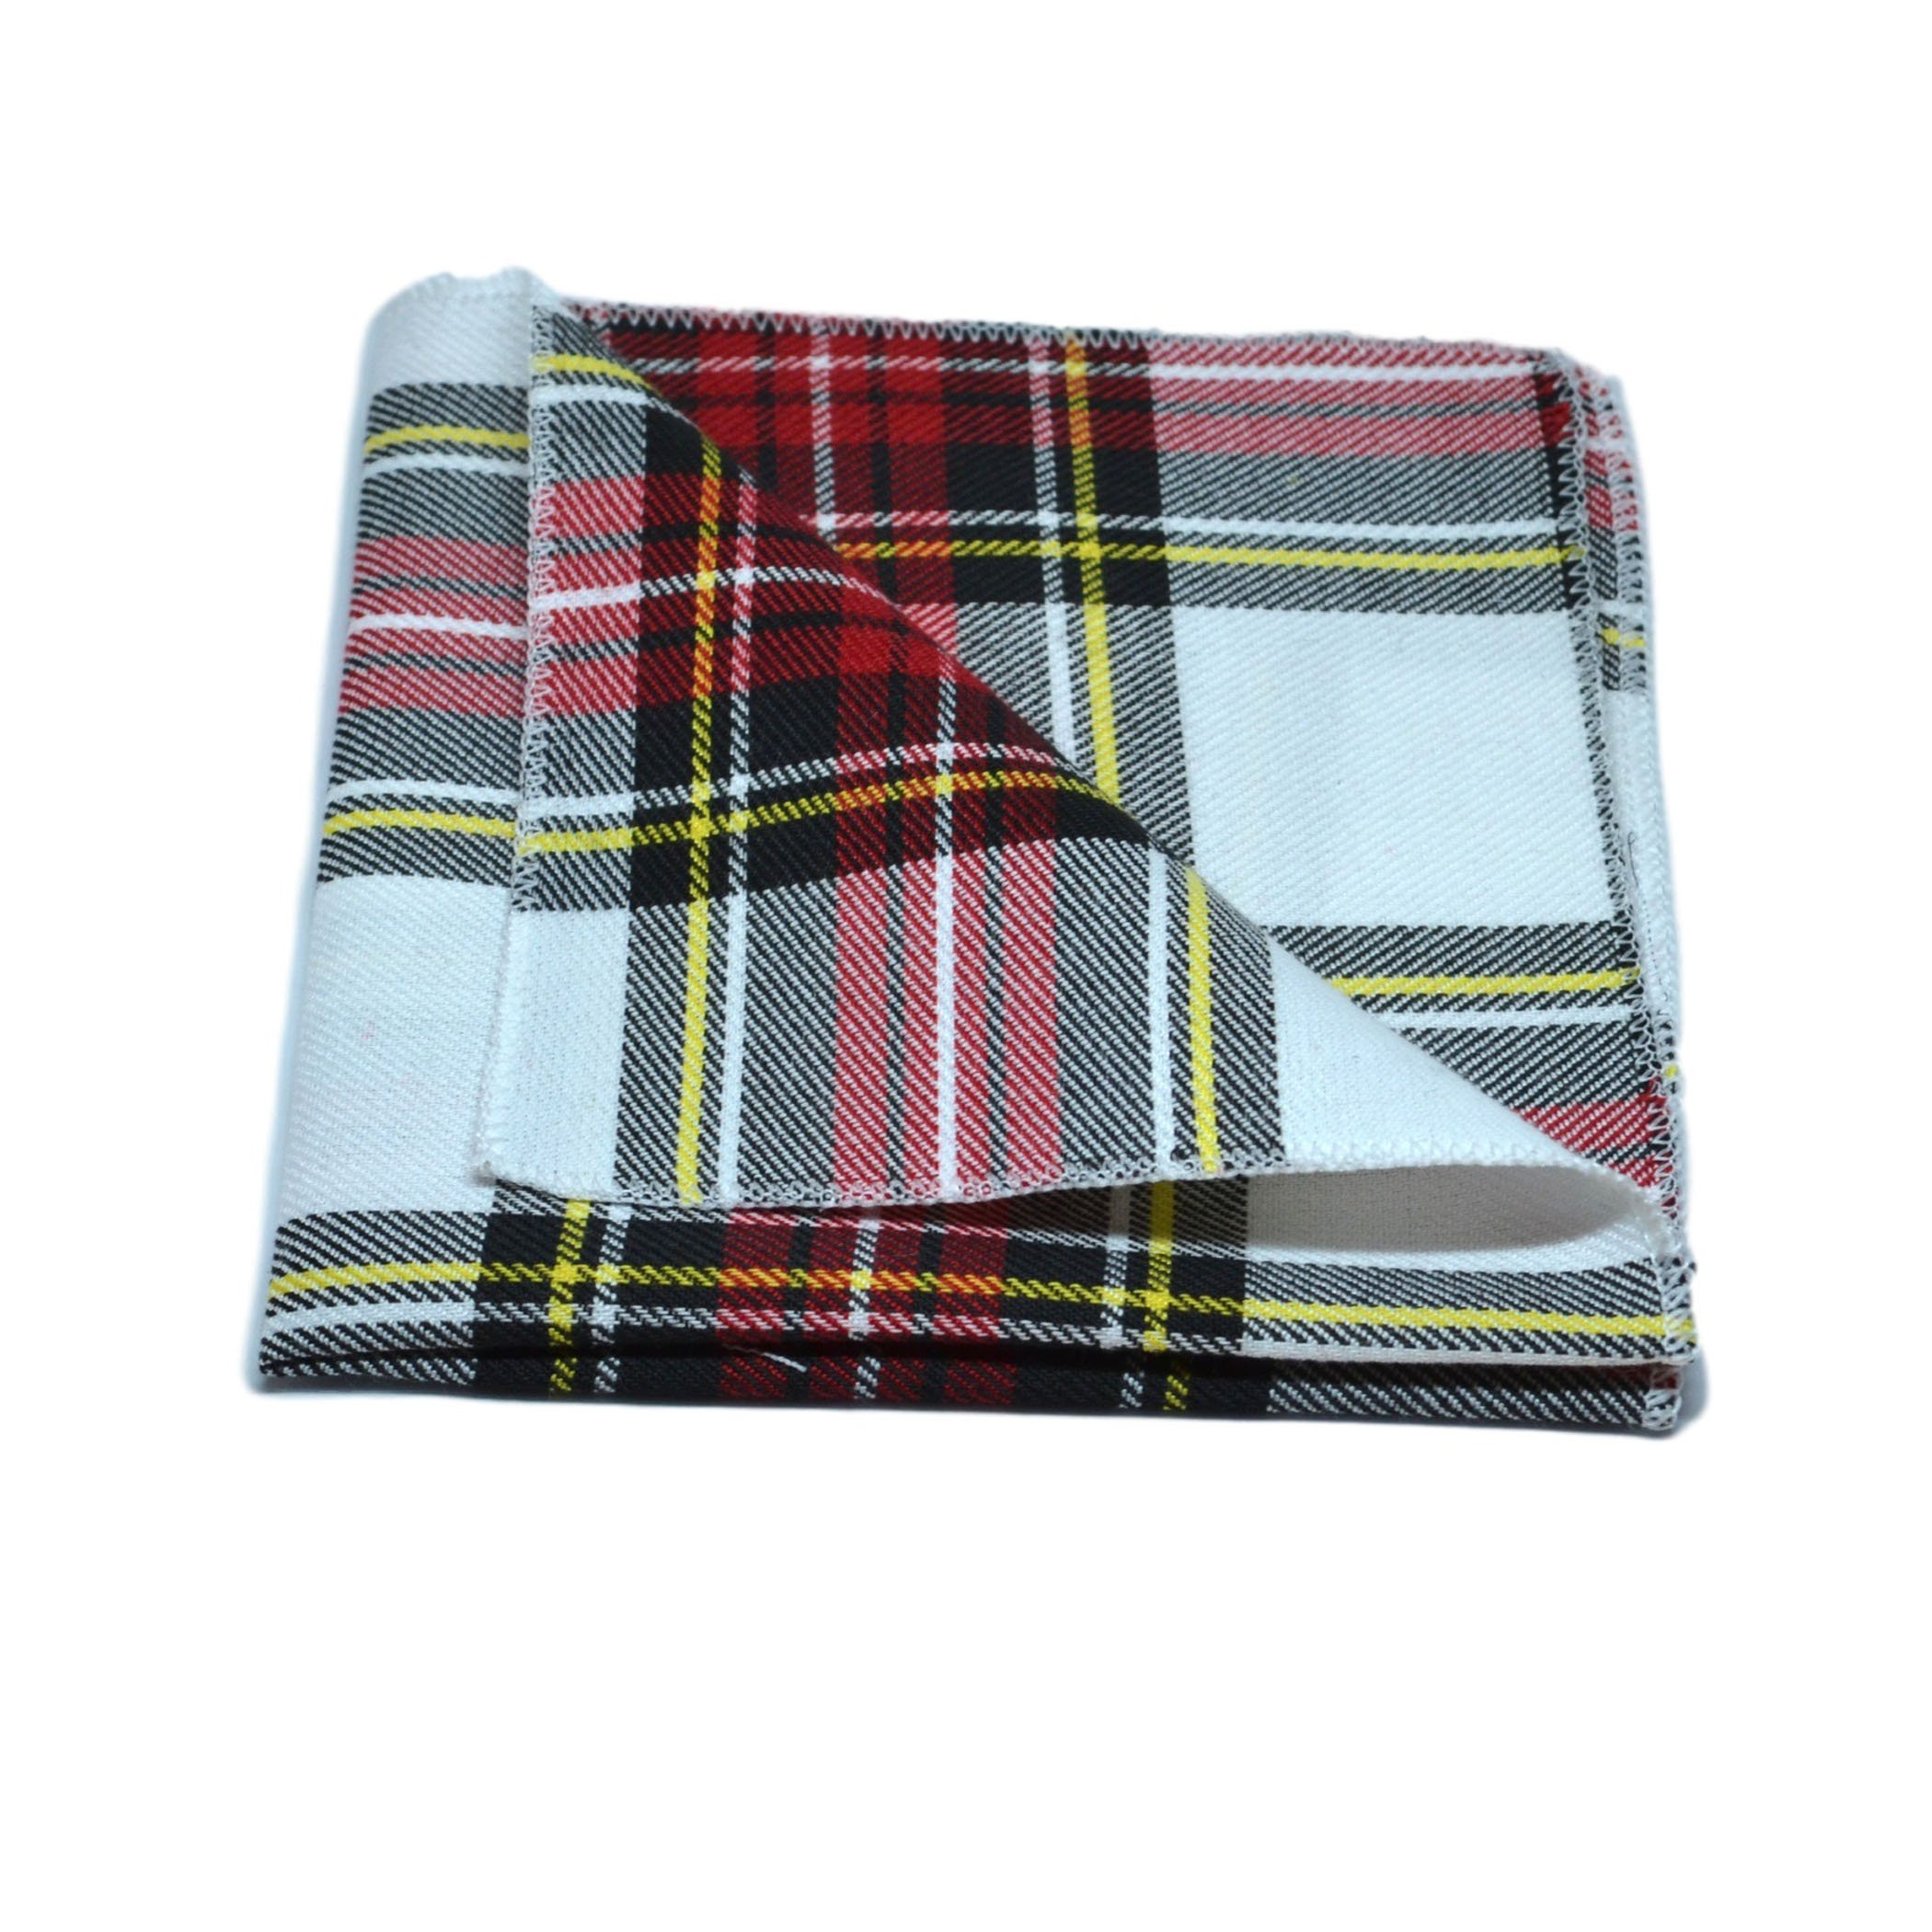 Traditional White & Red Tartan Pocket Square, Handkerchief, Check, Plaid